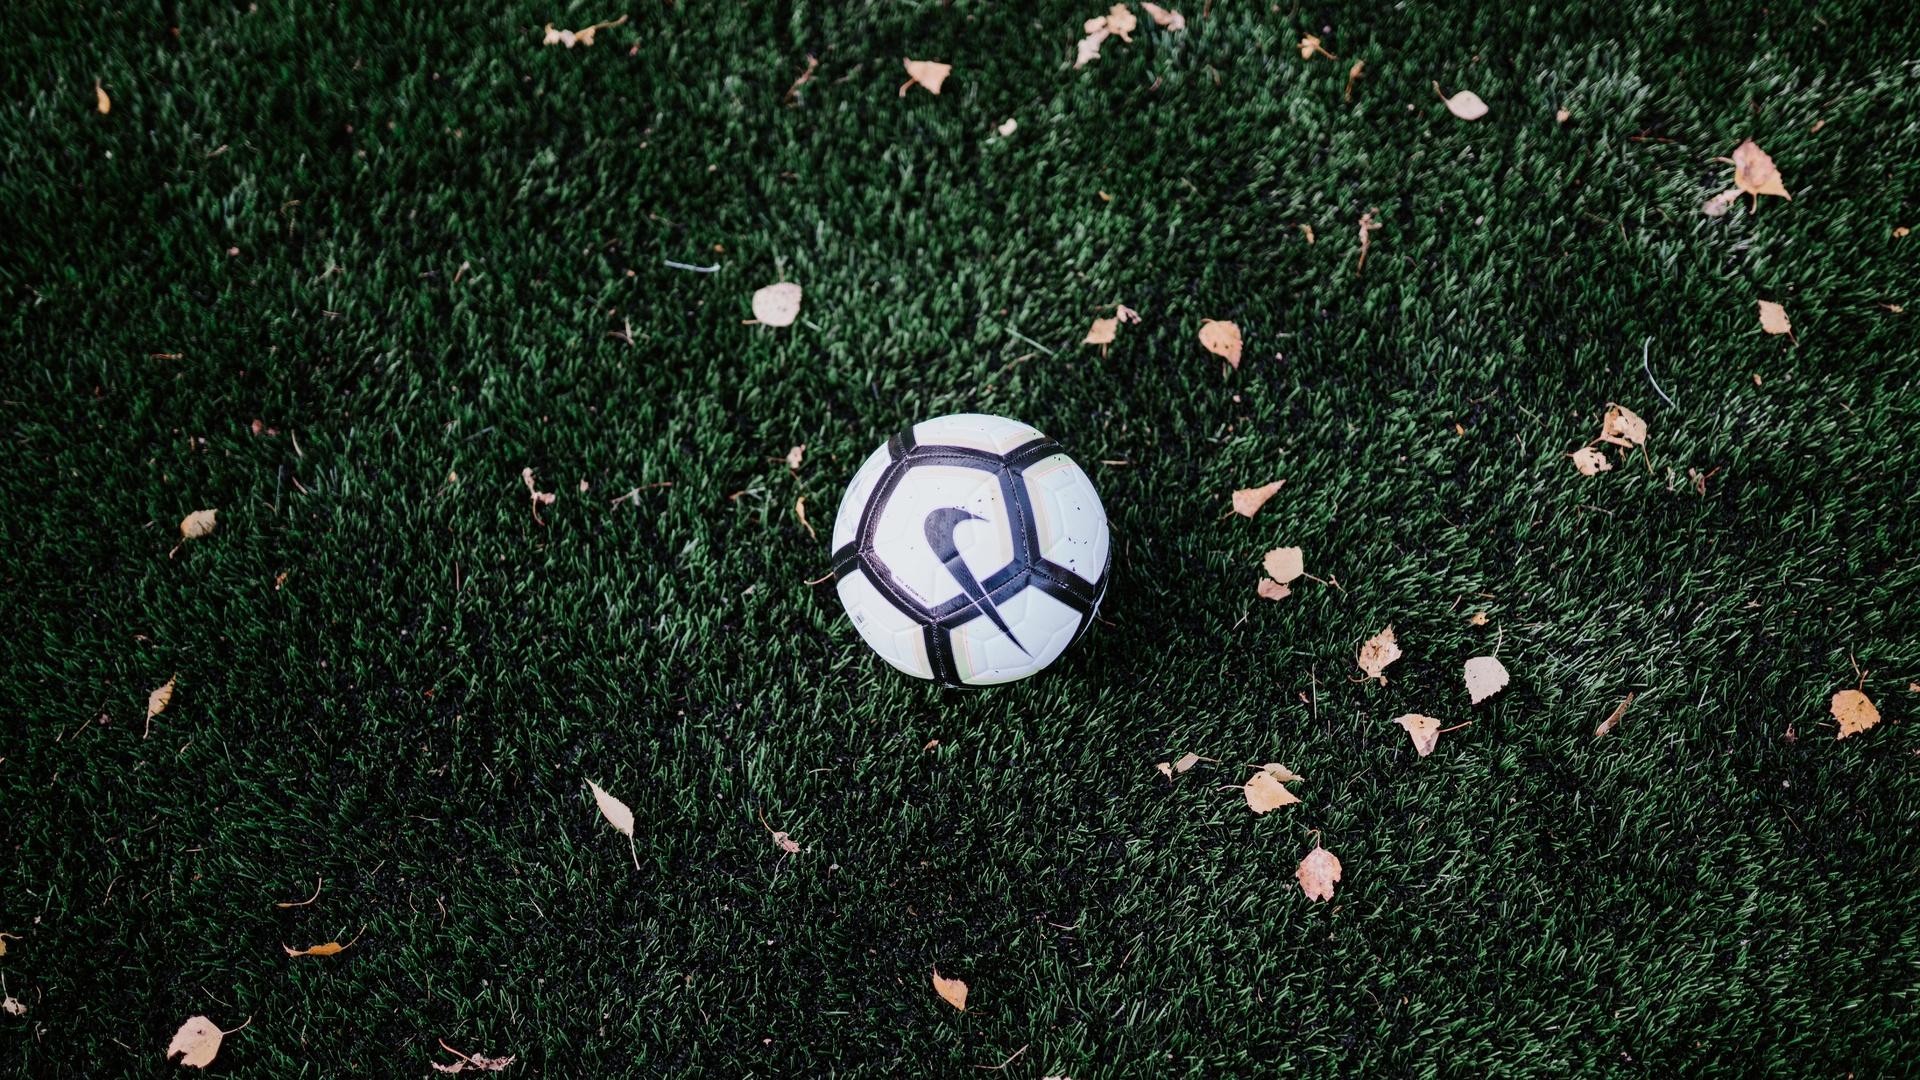 мяч, листья, газон